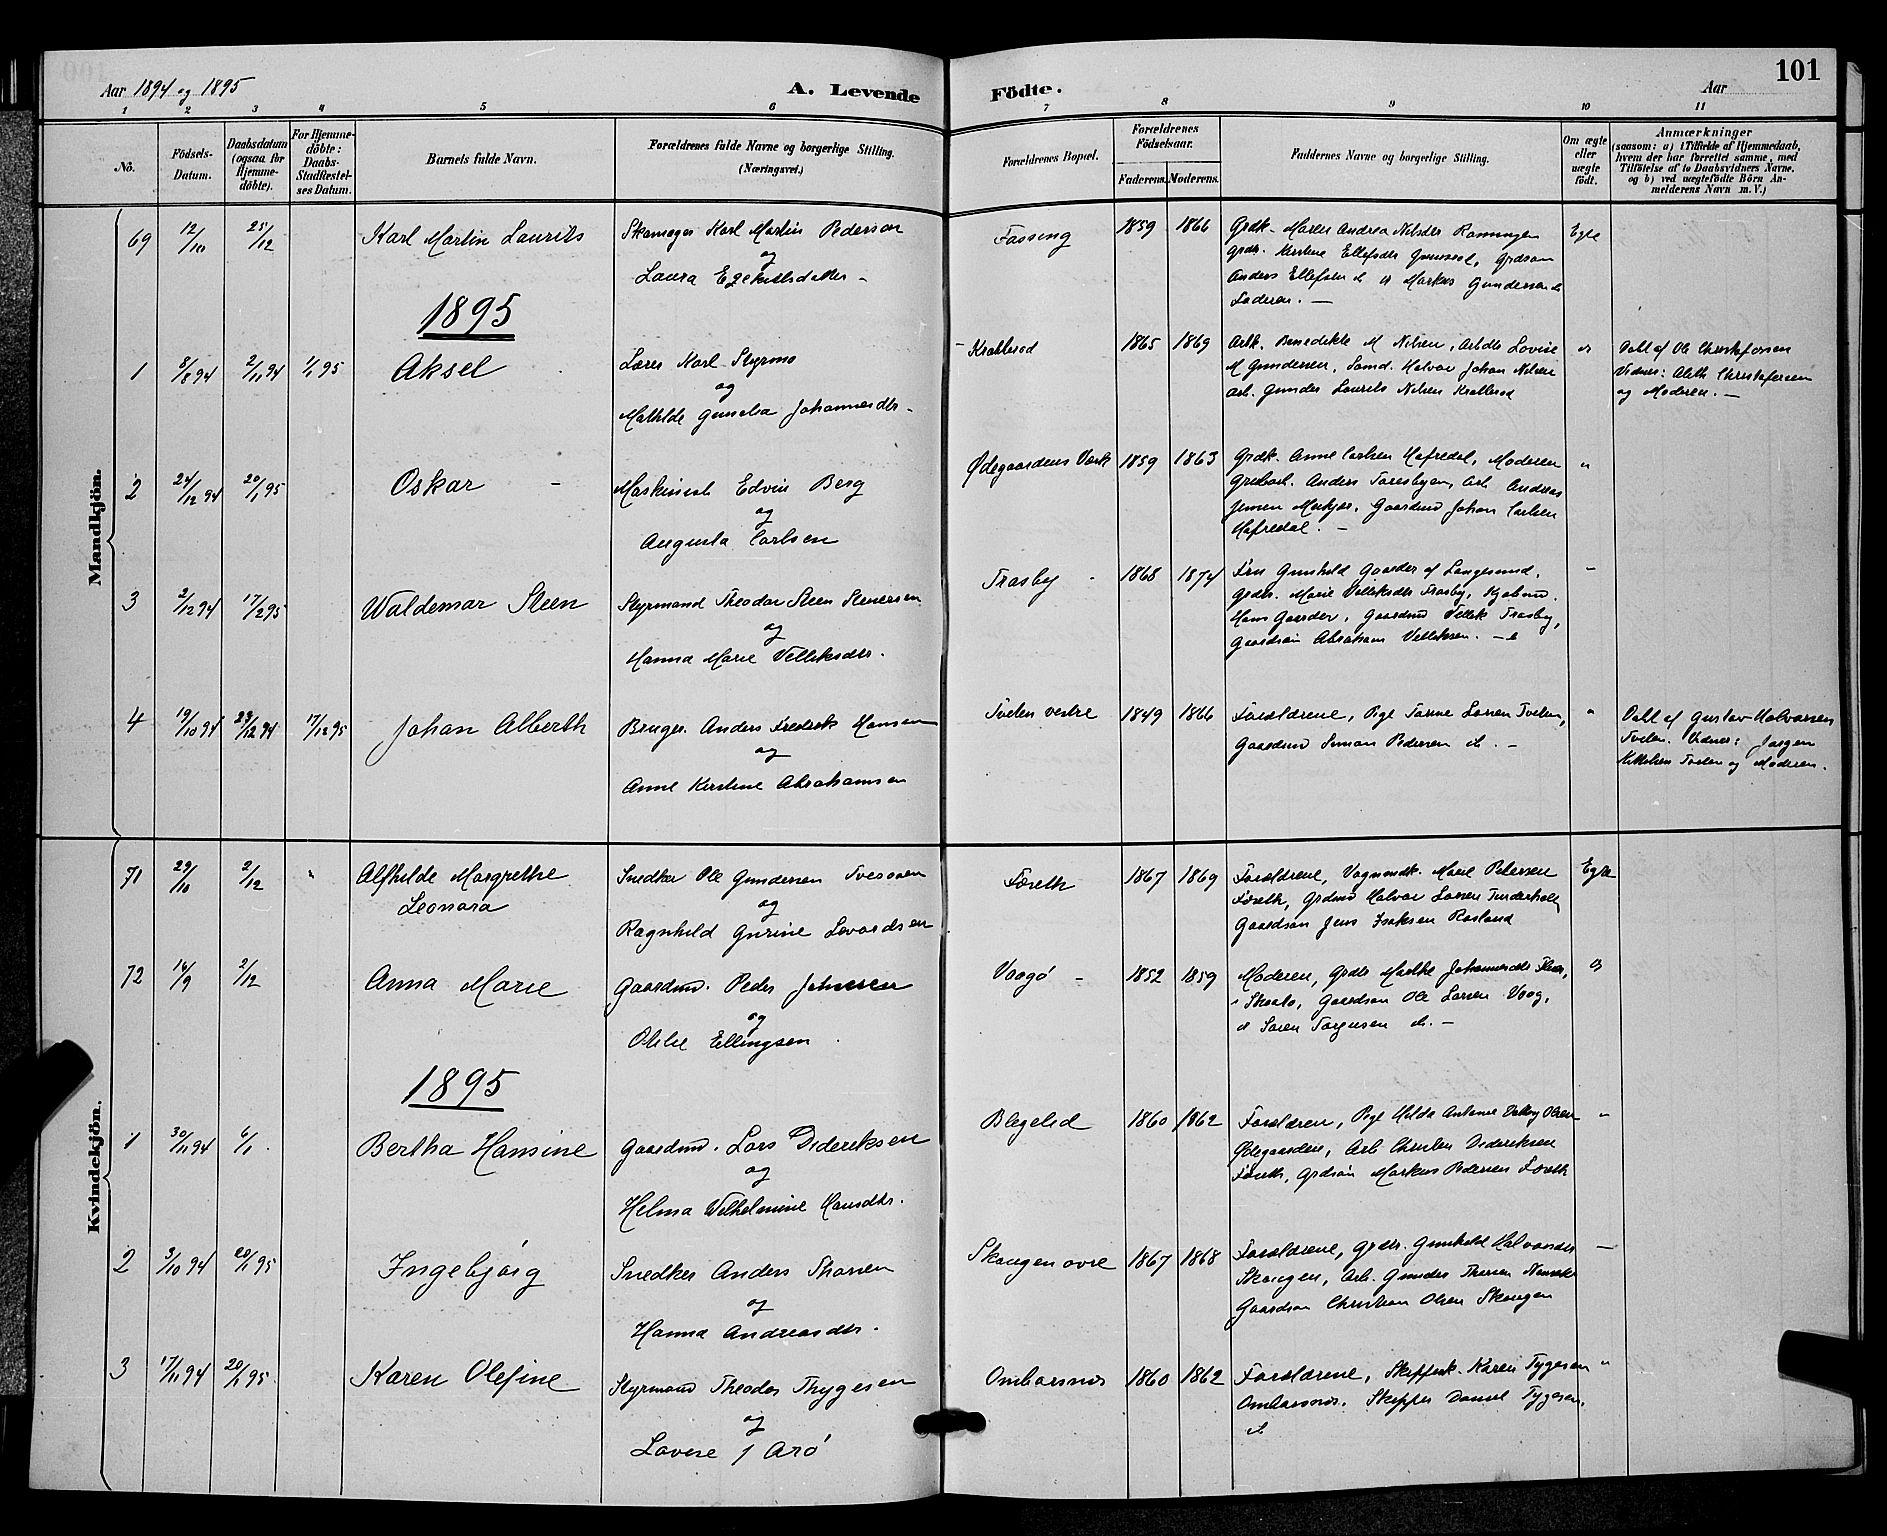 SAKO, Bamble kirkebøker, G/Ga/L0009: Klokkerbok nr. I 9, 1888-1900, s. 101